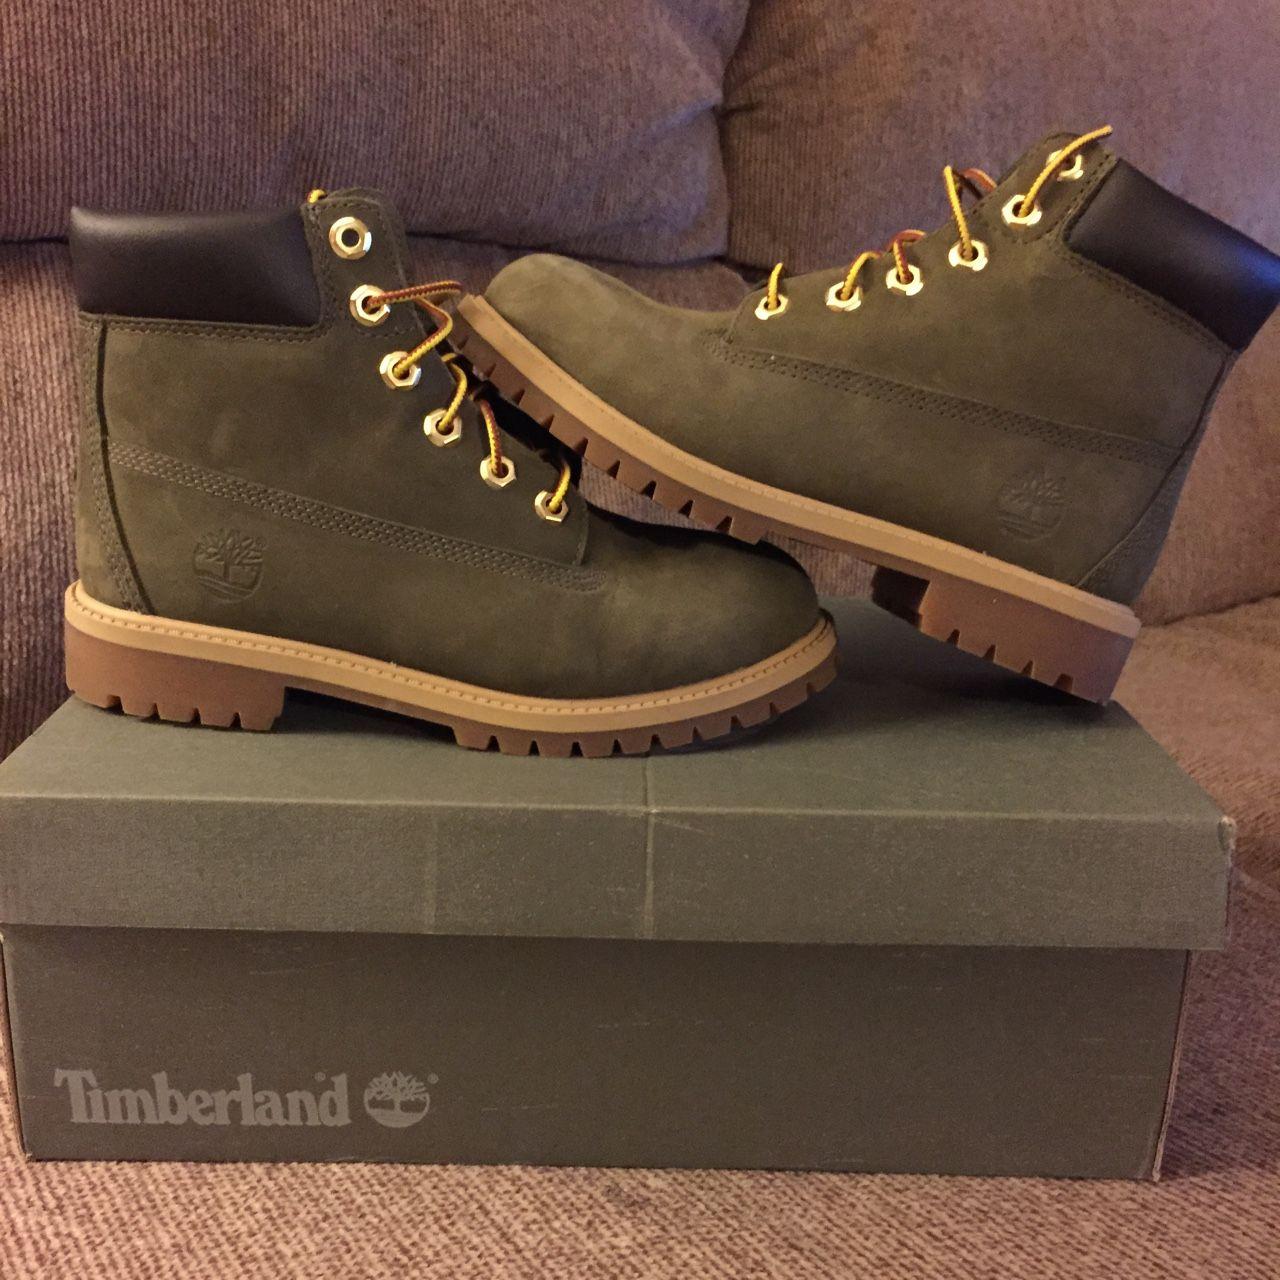 Barato Wiki En Español Barato Online Zapatos negros estilo militar Timberland para mujer Excelente venta en línea Descuento nuevos estilos Descuento precio barato iKDSu